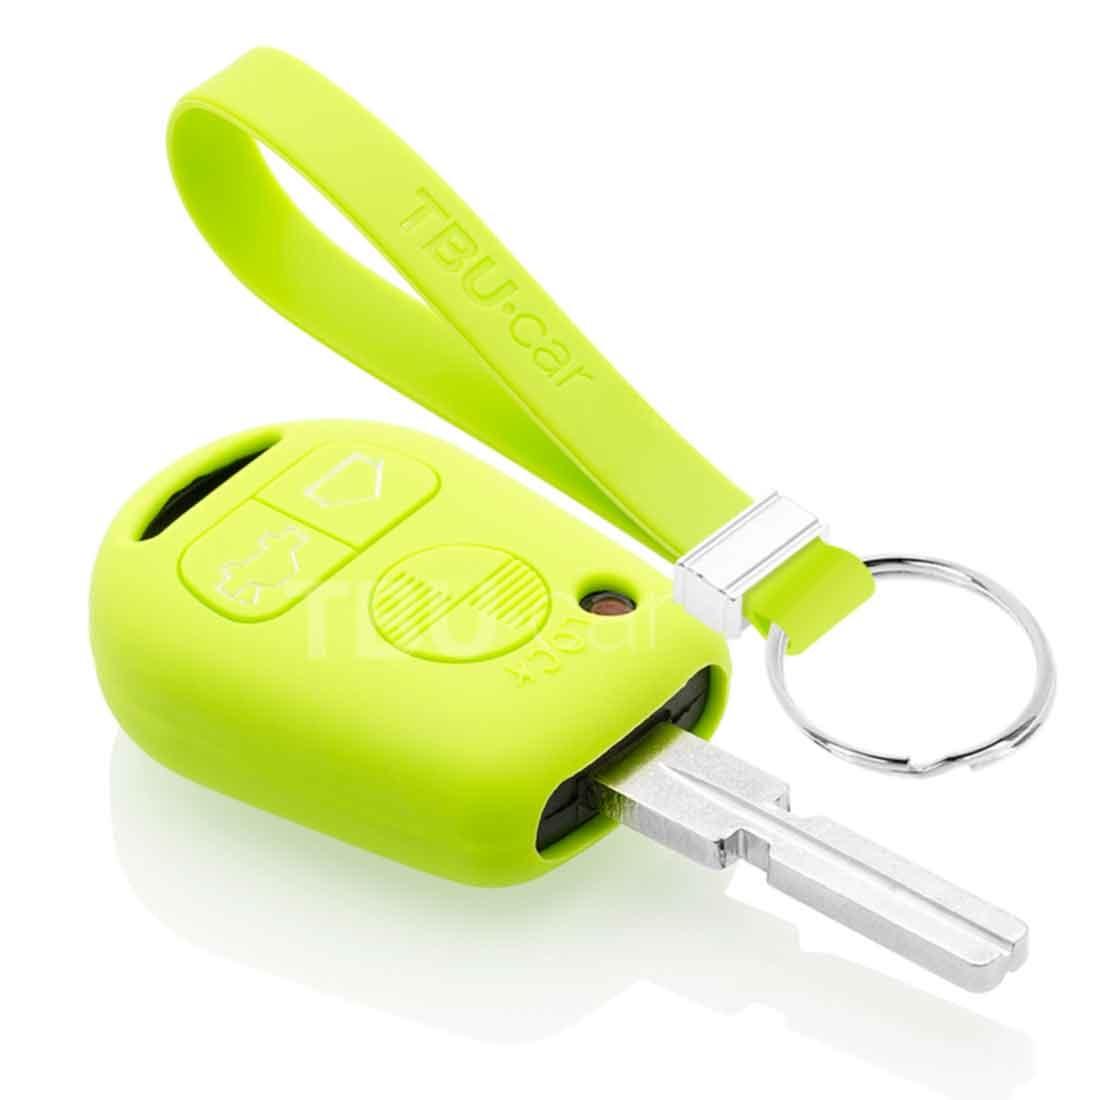 TBU car TBU car Funda Carcasa llave compatible con BMW - Funda de Silicona - Cover de Llave Coche - Verde lima